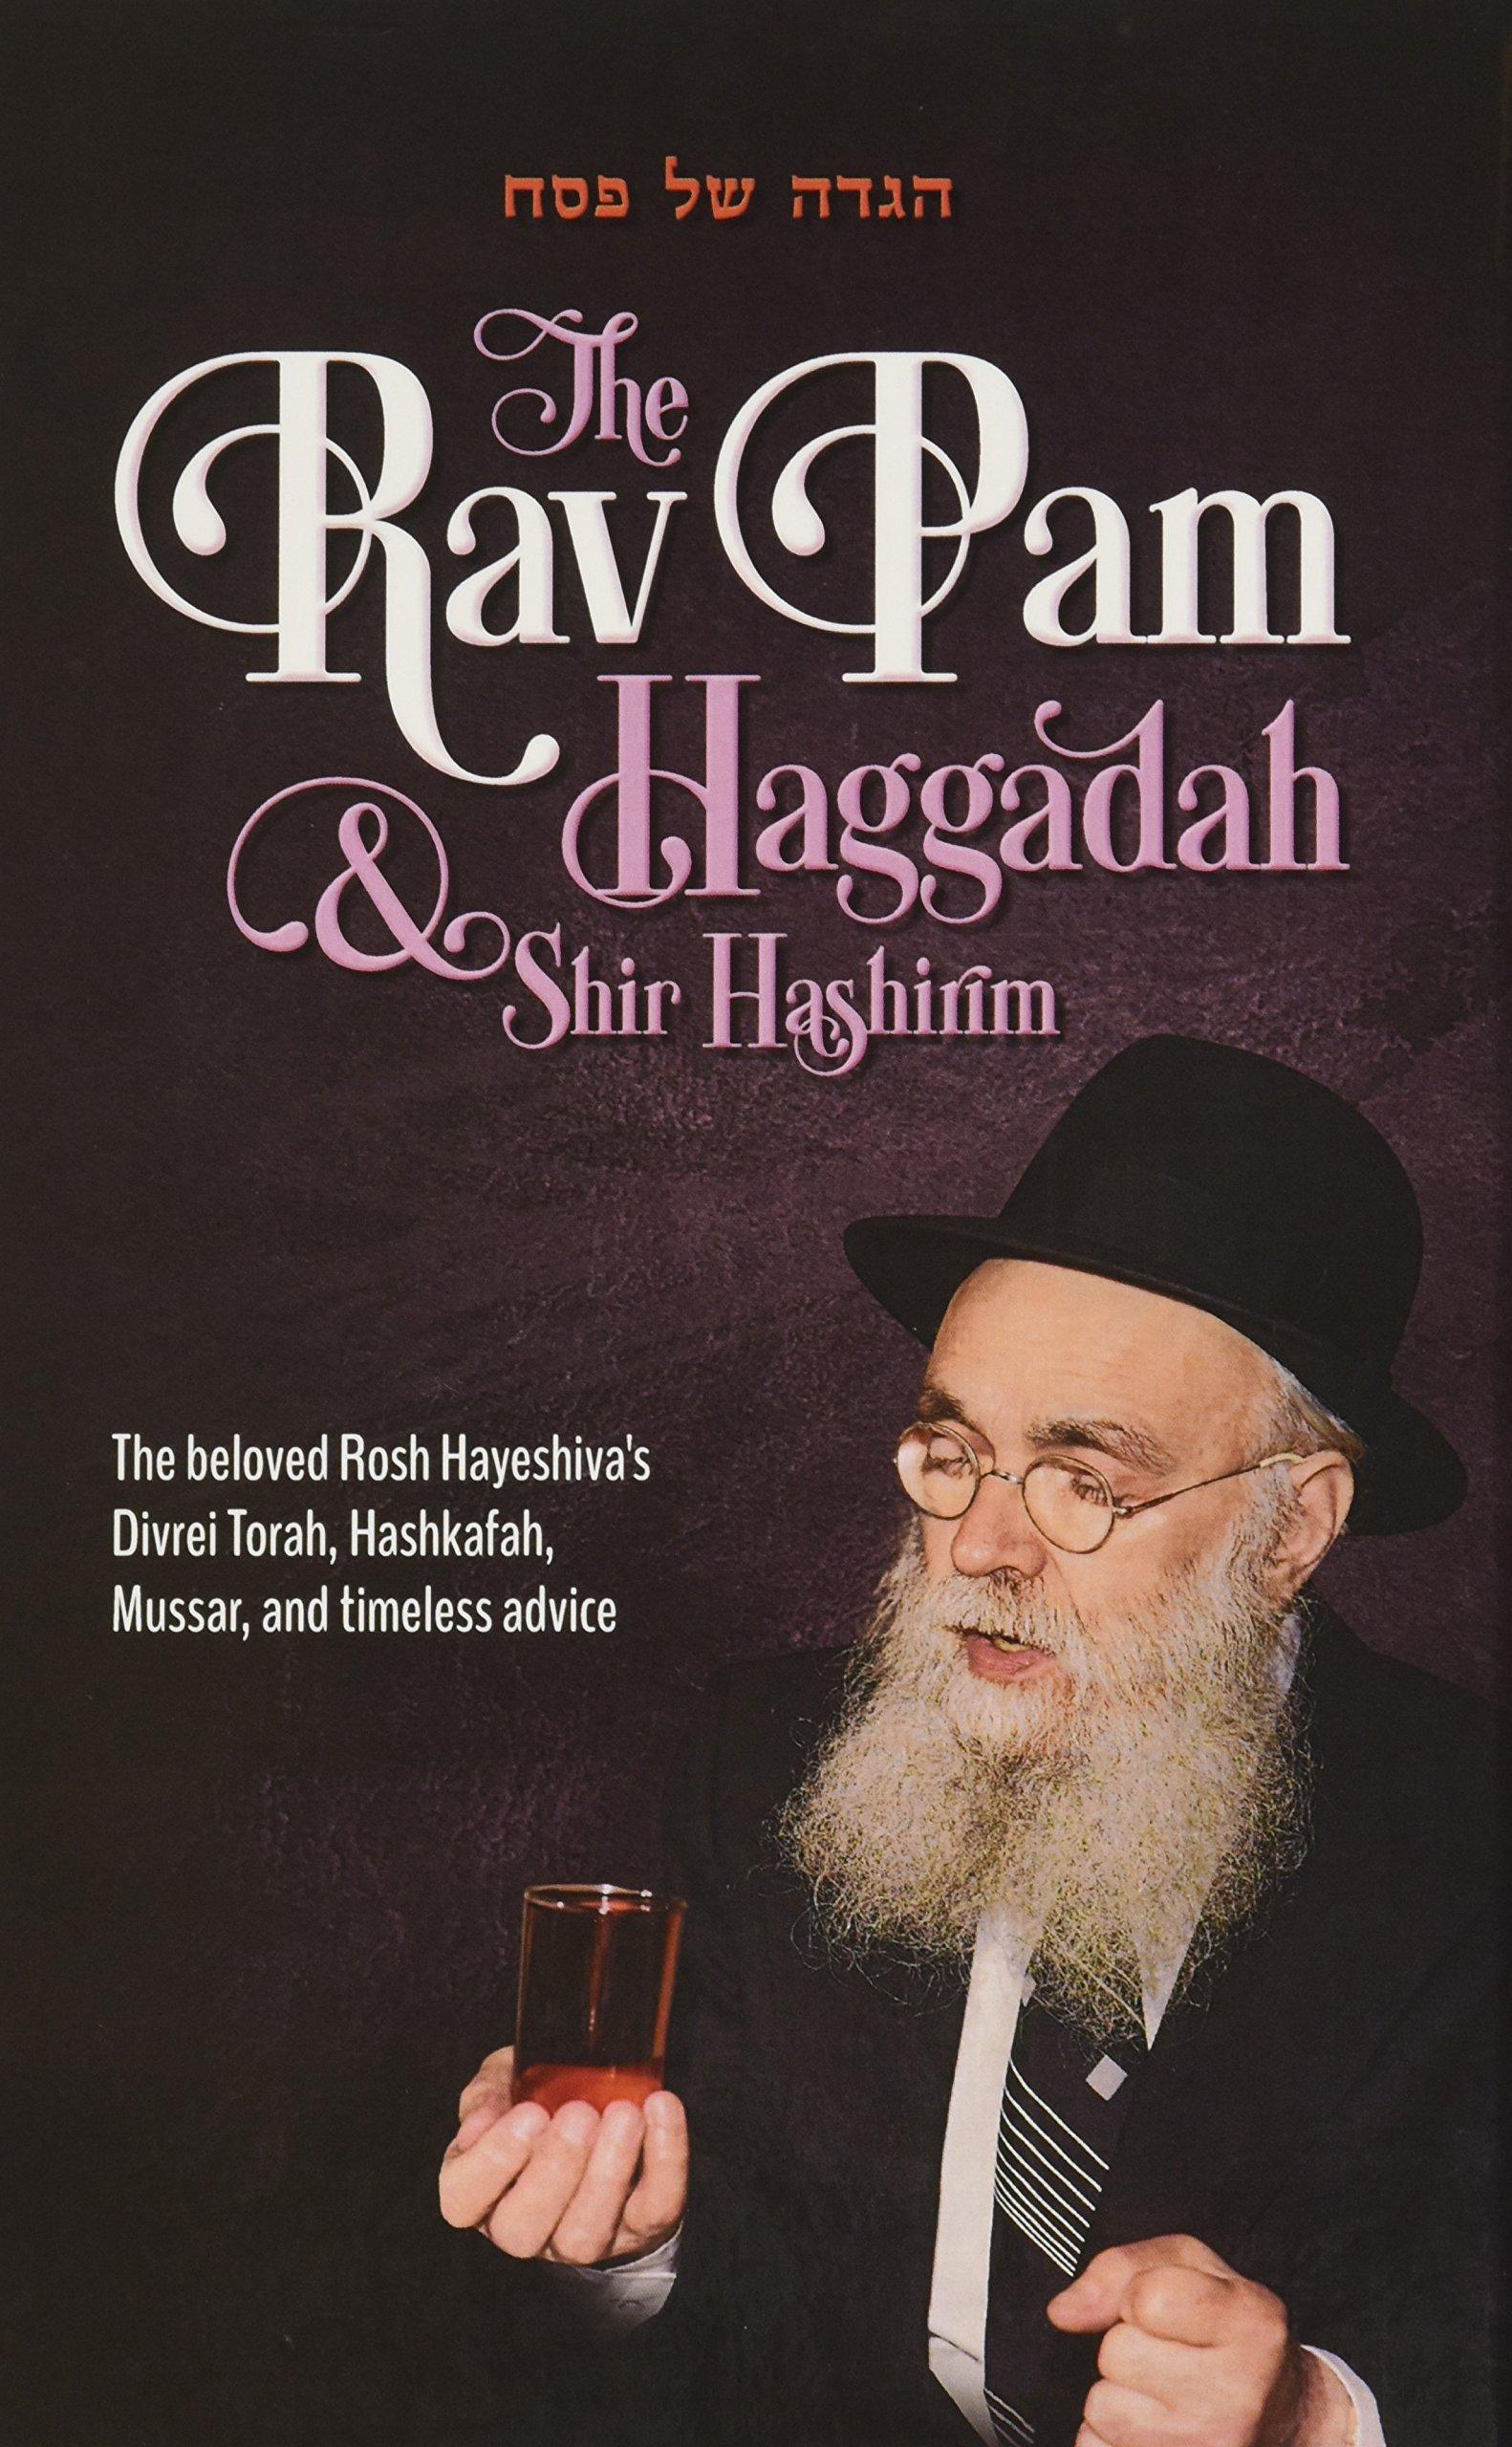 The Rav Pam Haggadah & Shir Hashirim